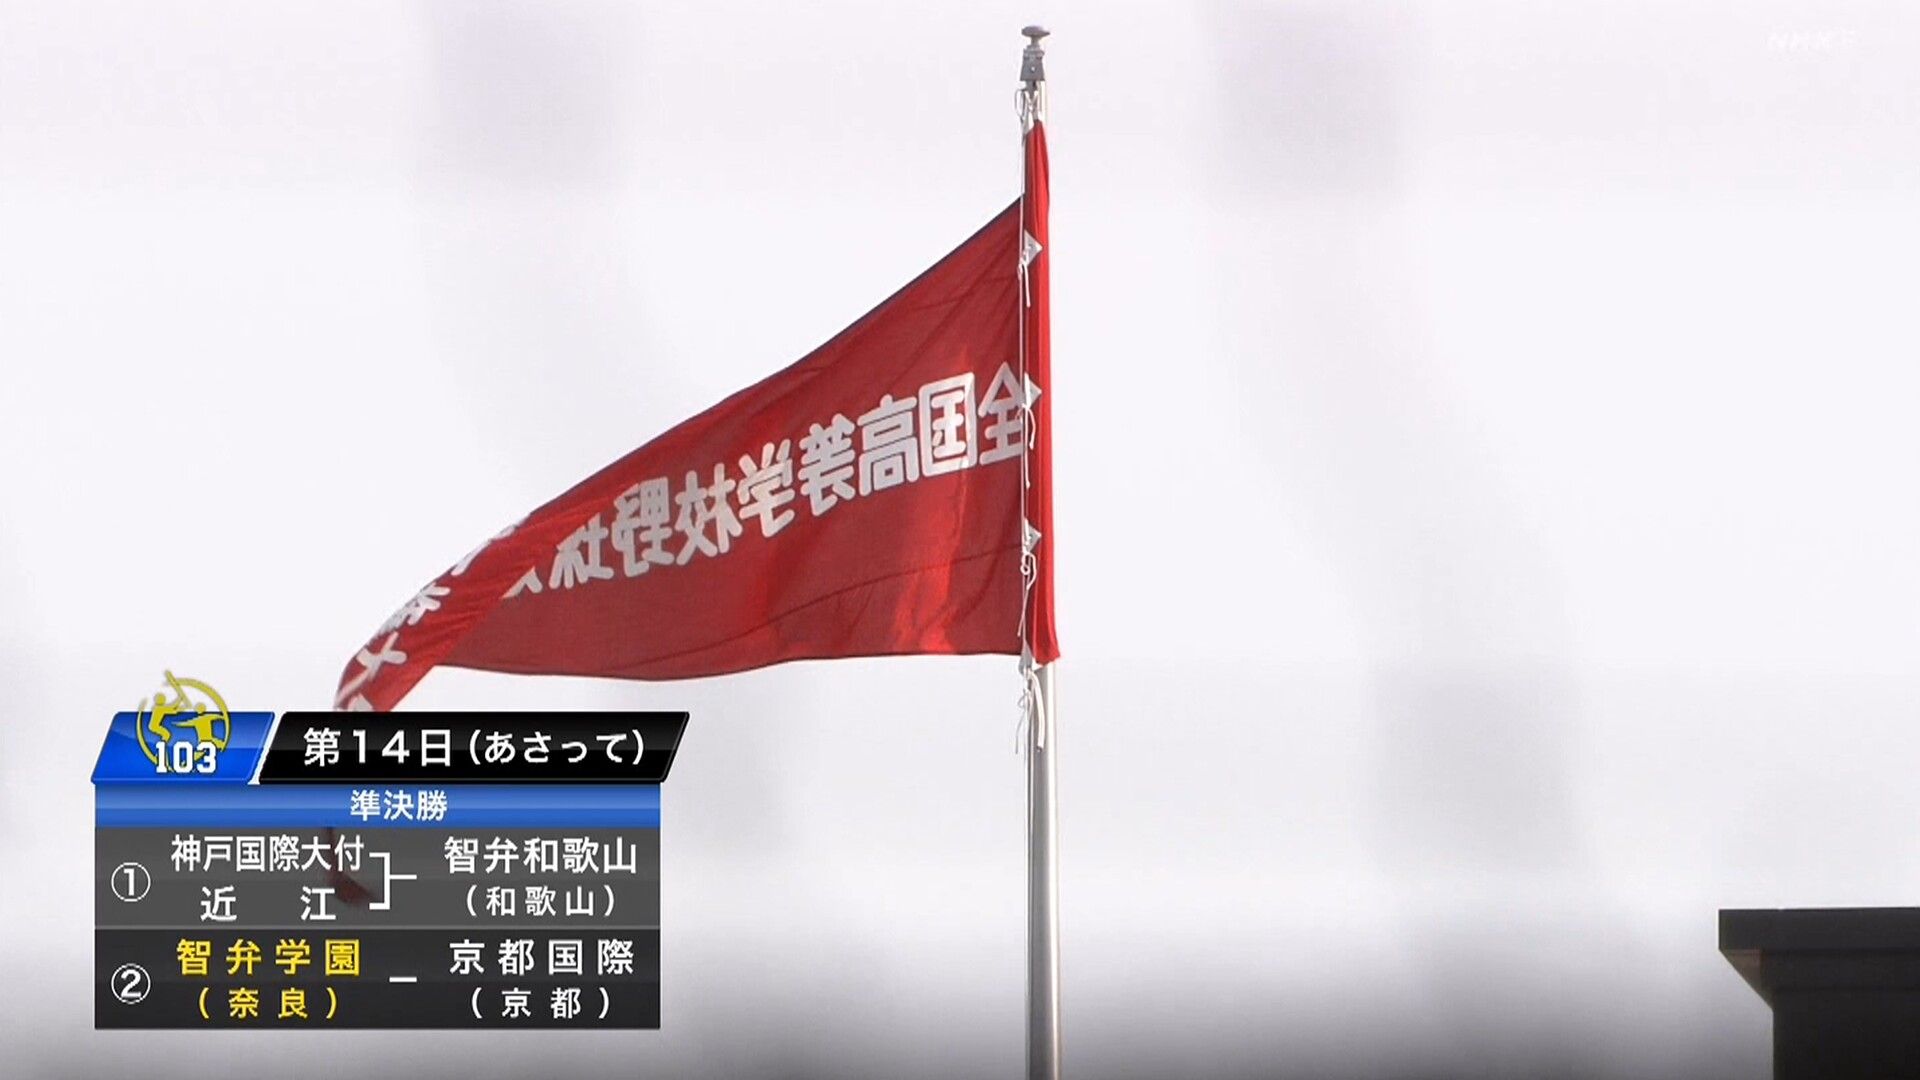 甲子園 ベスト4全て近畿勢